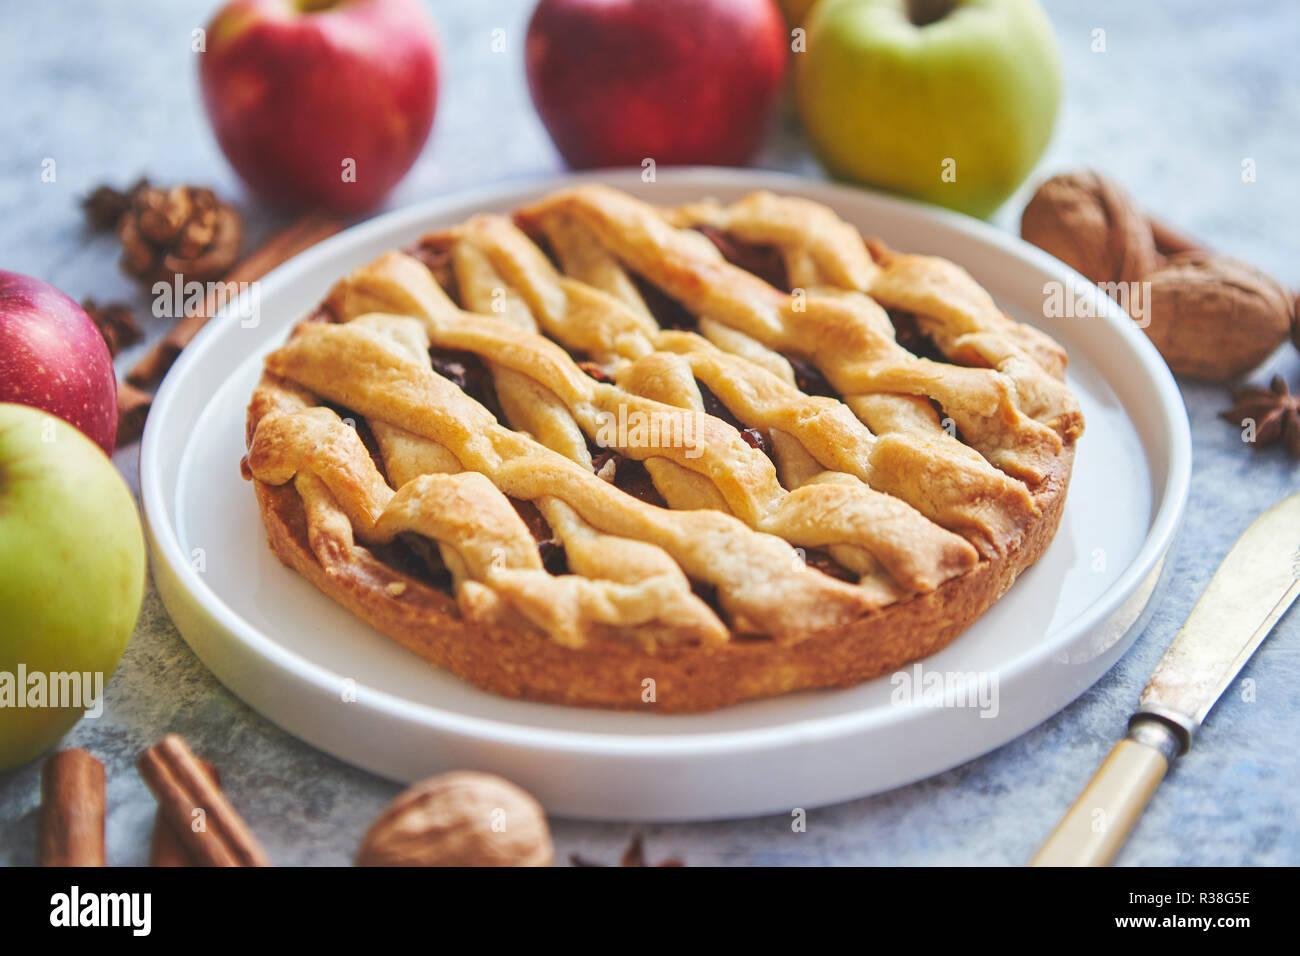 Leckere süße Hausgemachte Apfelkuchen Kuchen mit Zimtstangen, Walnüsse und Äpfel Stockfoto